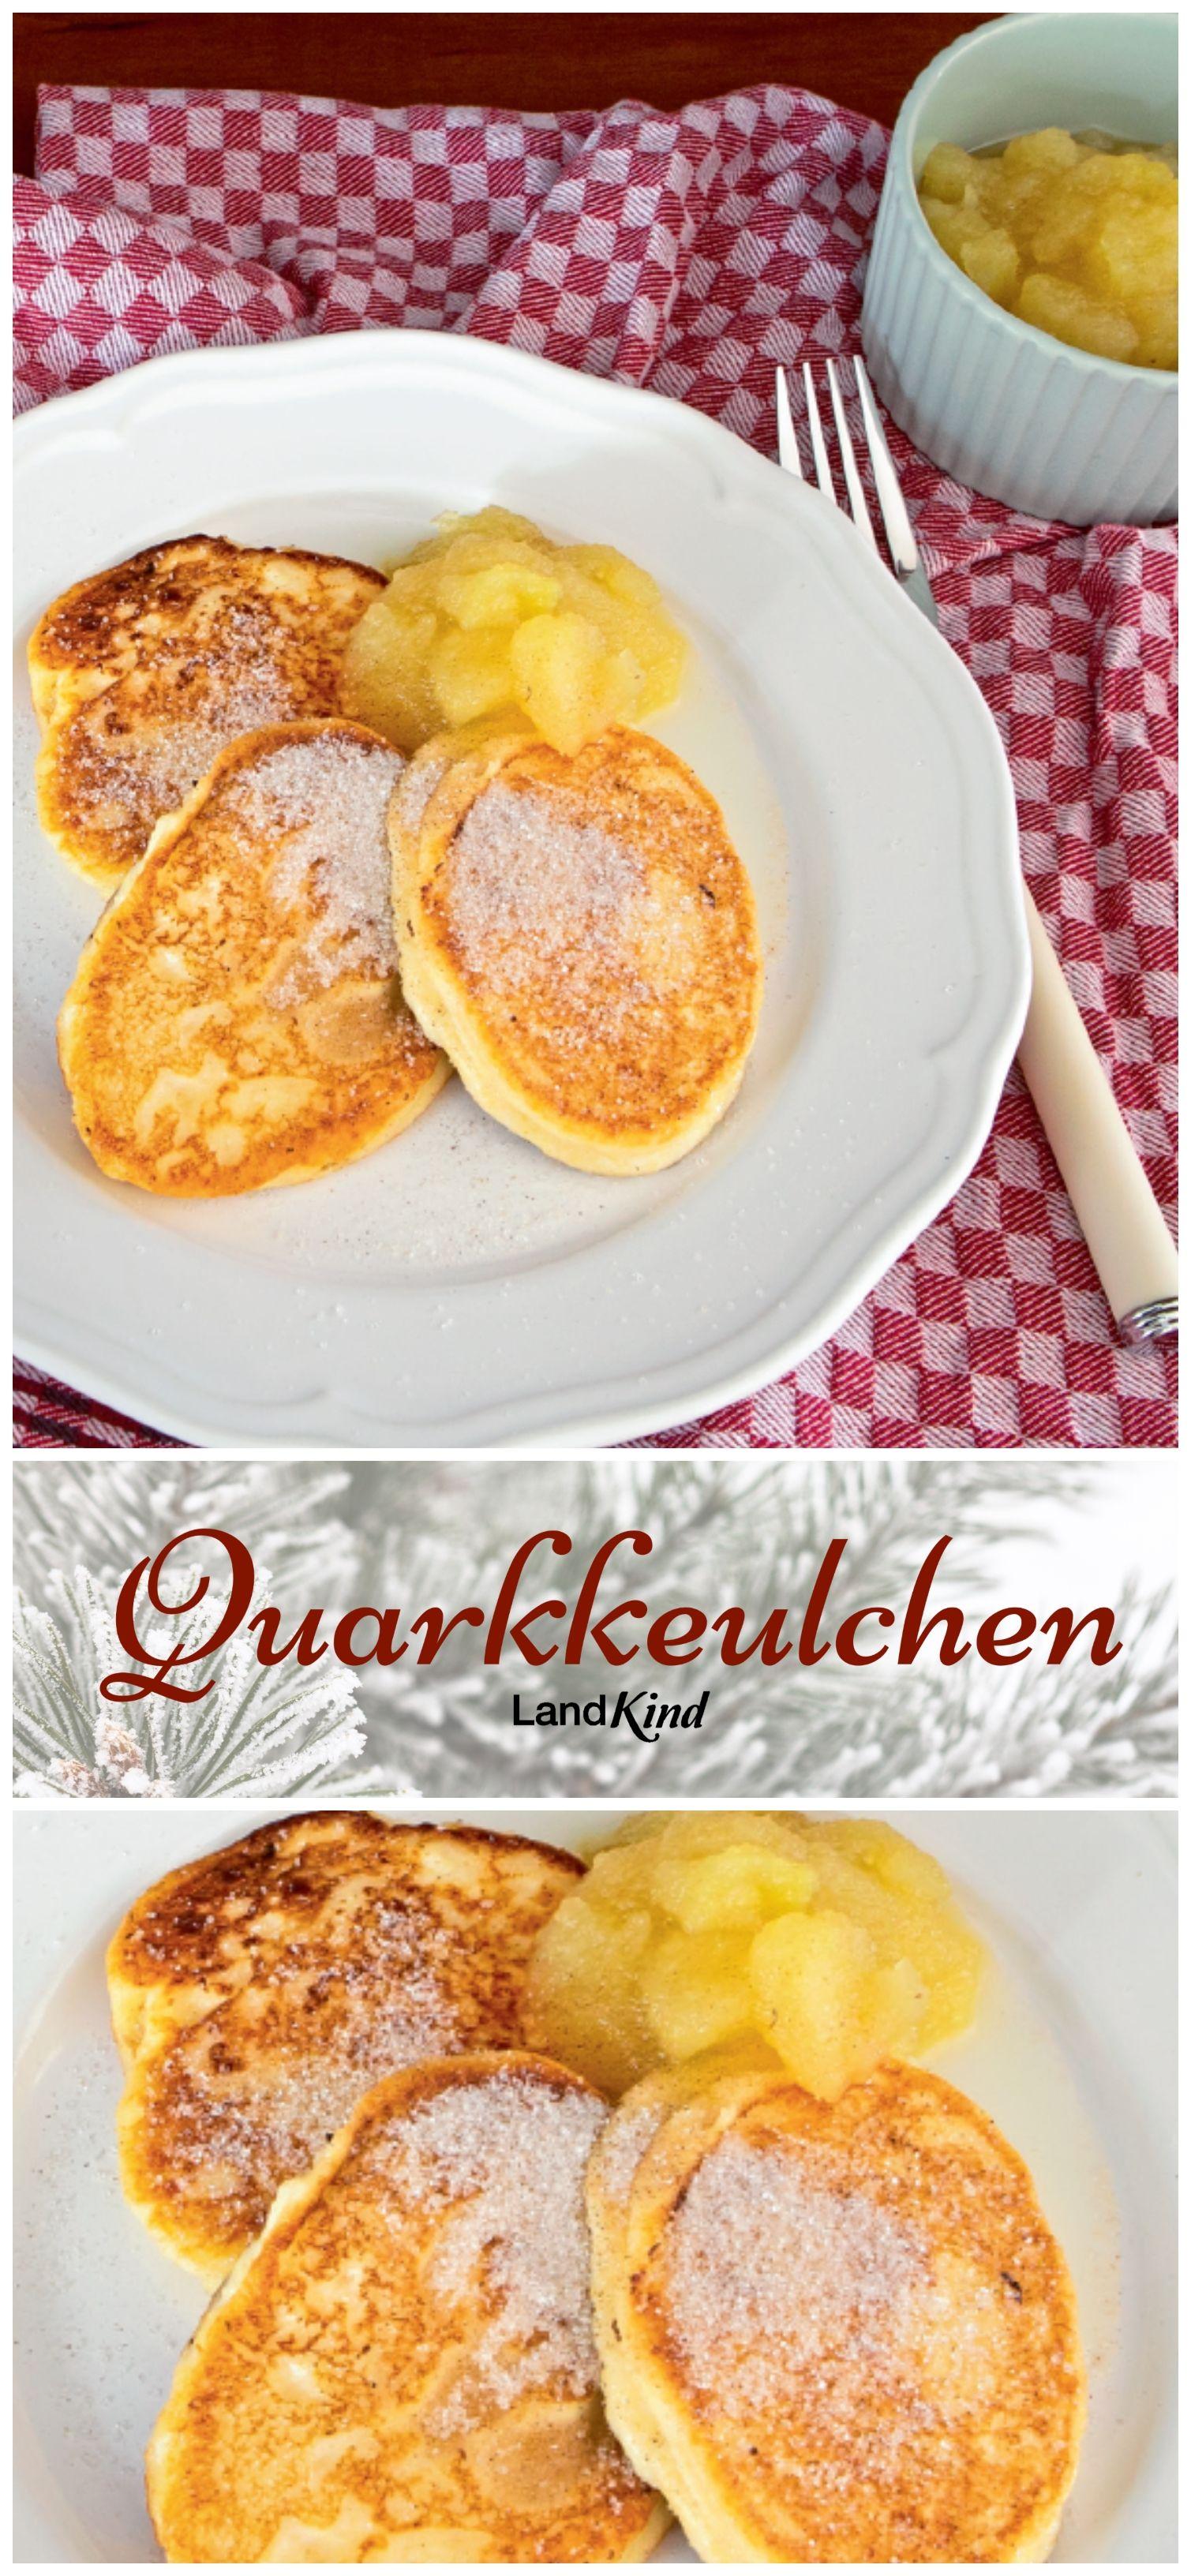 Photo of Quarkkeulchen